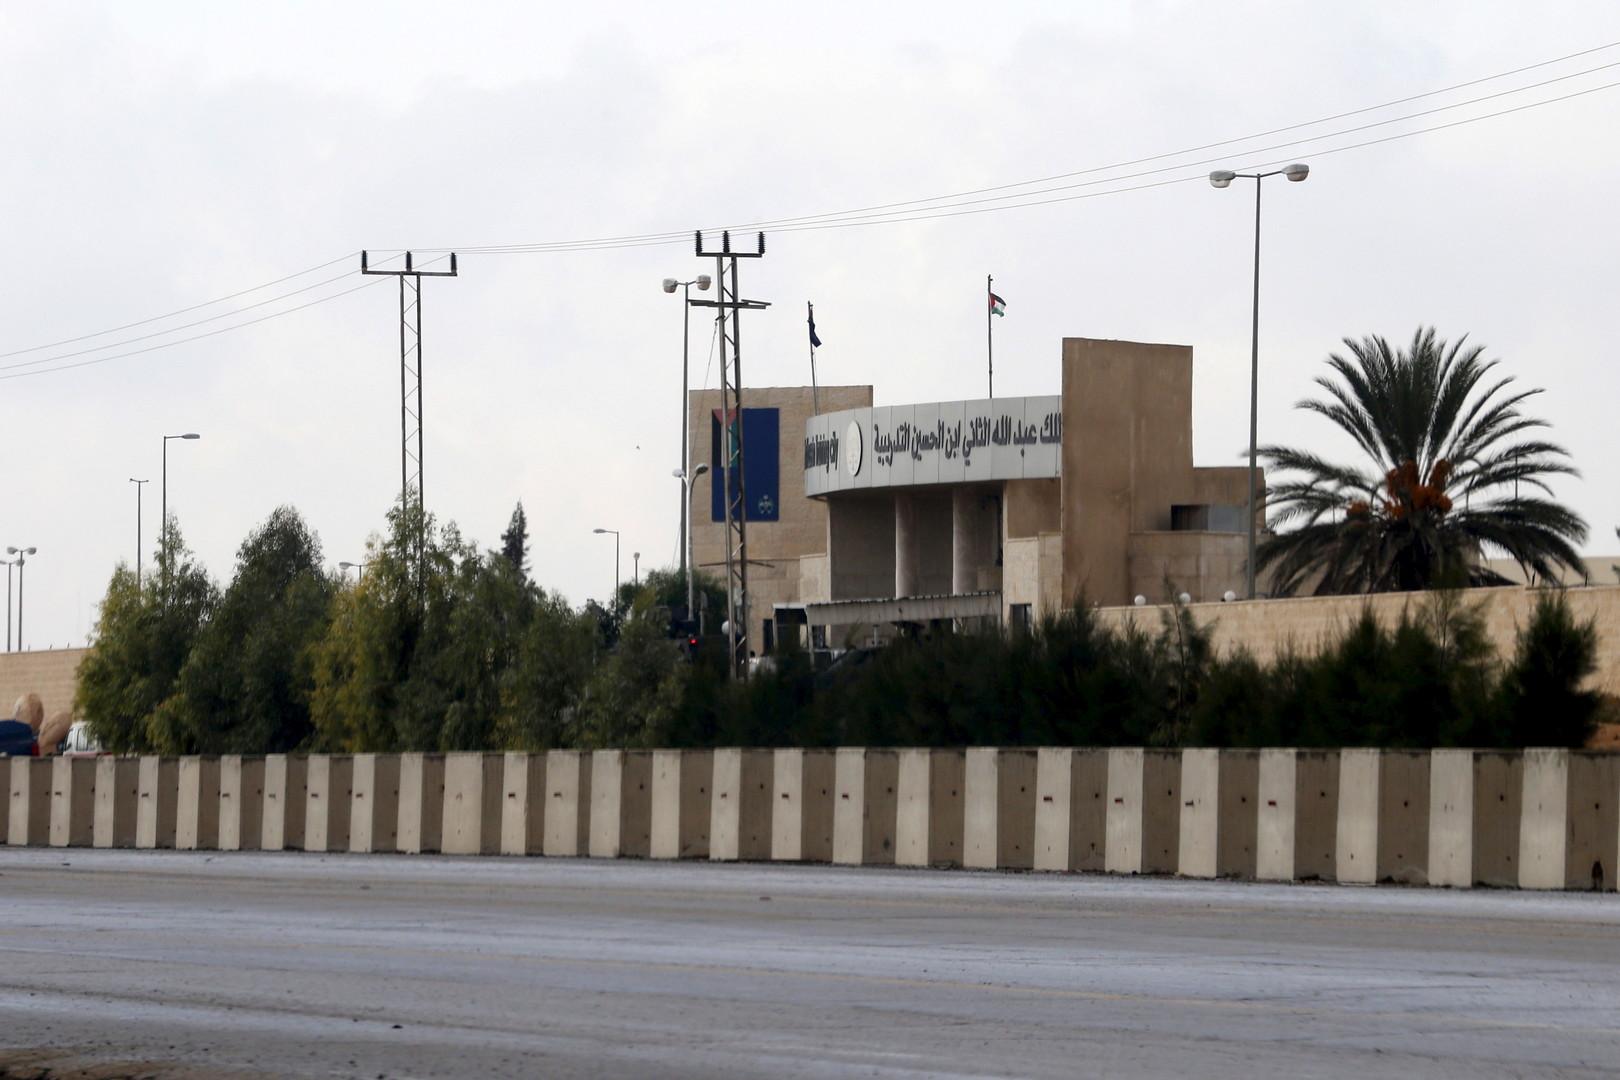 Des officiers jordaniens auraient volé les armes de la CIA destinées aux rebelles syriens